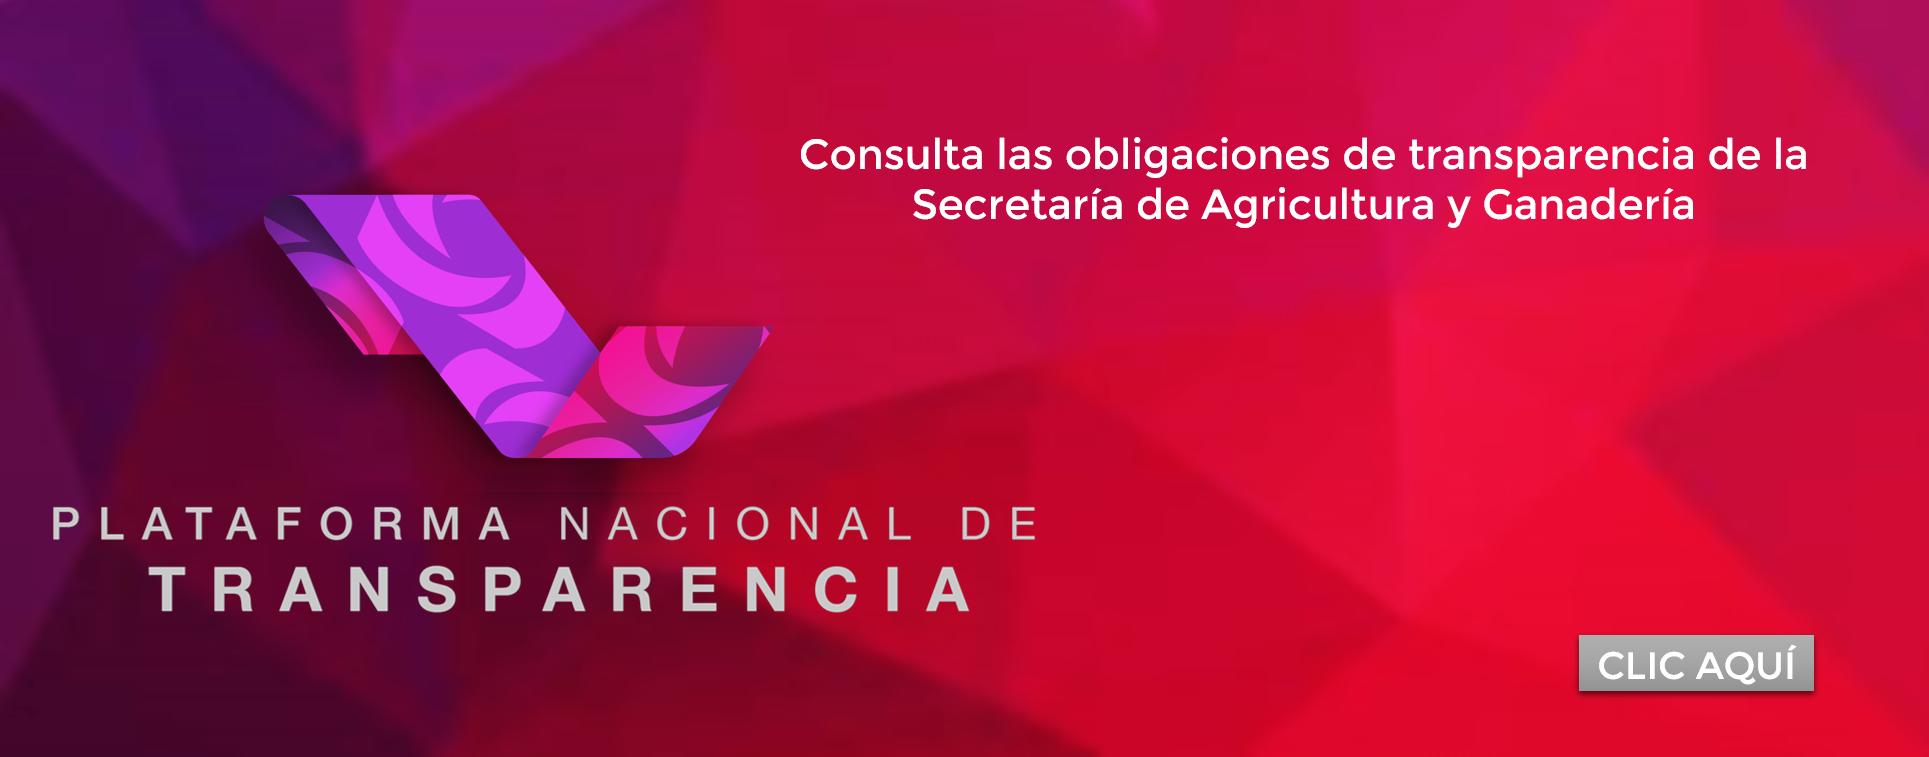 Consulta las obligaciones de transparencia de la Secretaría de Agricultura y Ganadería